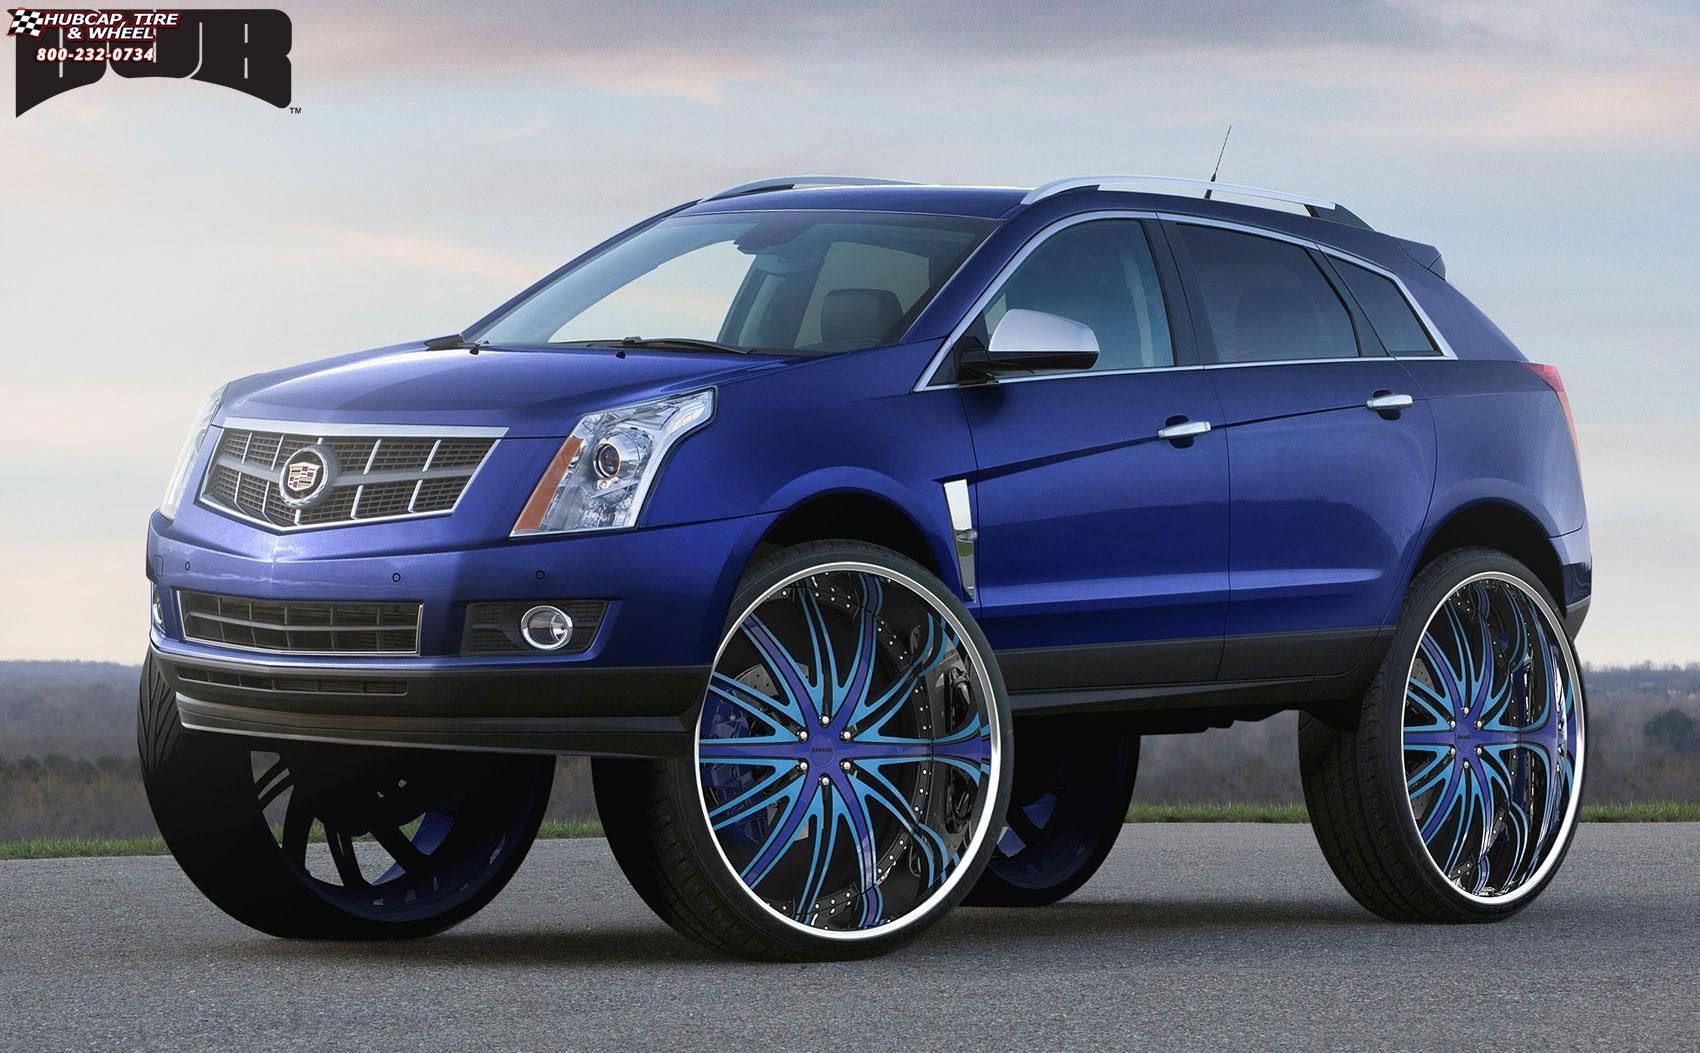 Cadillac Srx Dub C22 Flex Wheels Blue W Black Accents